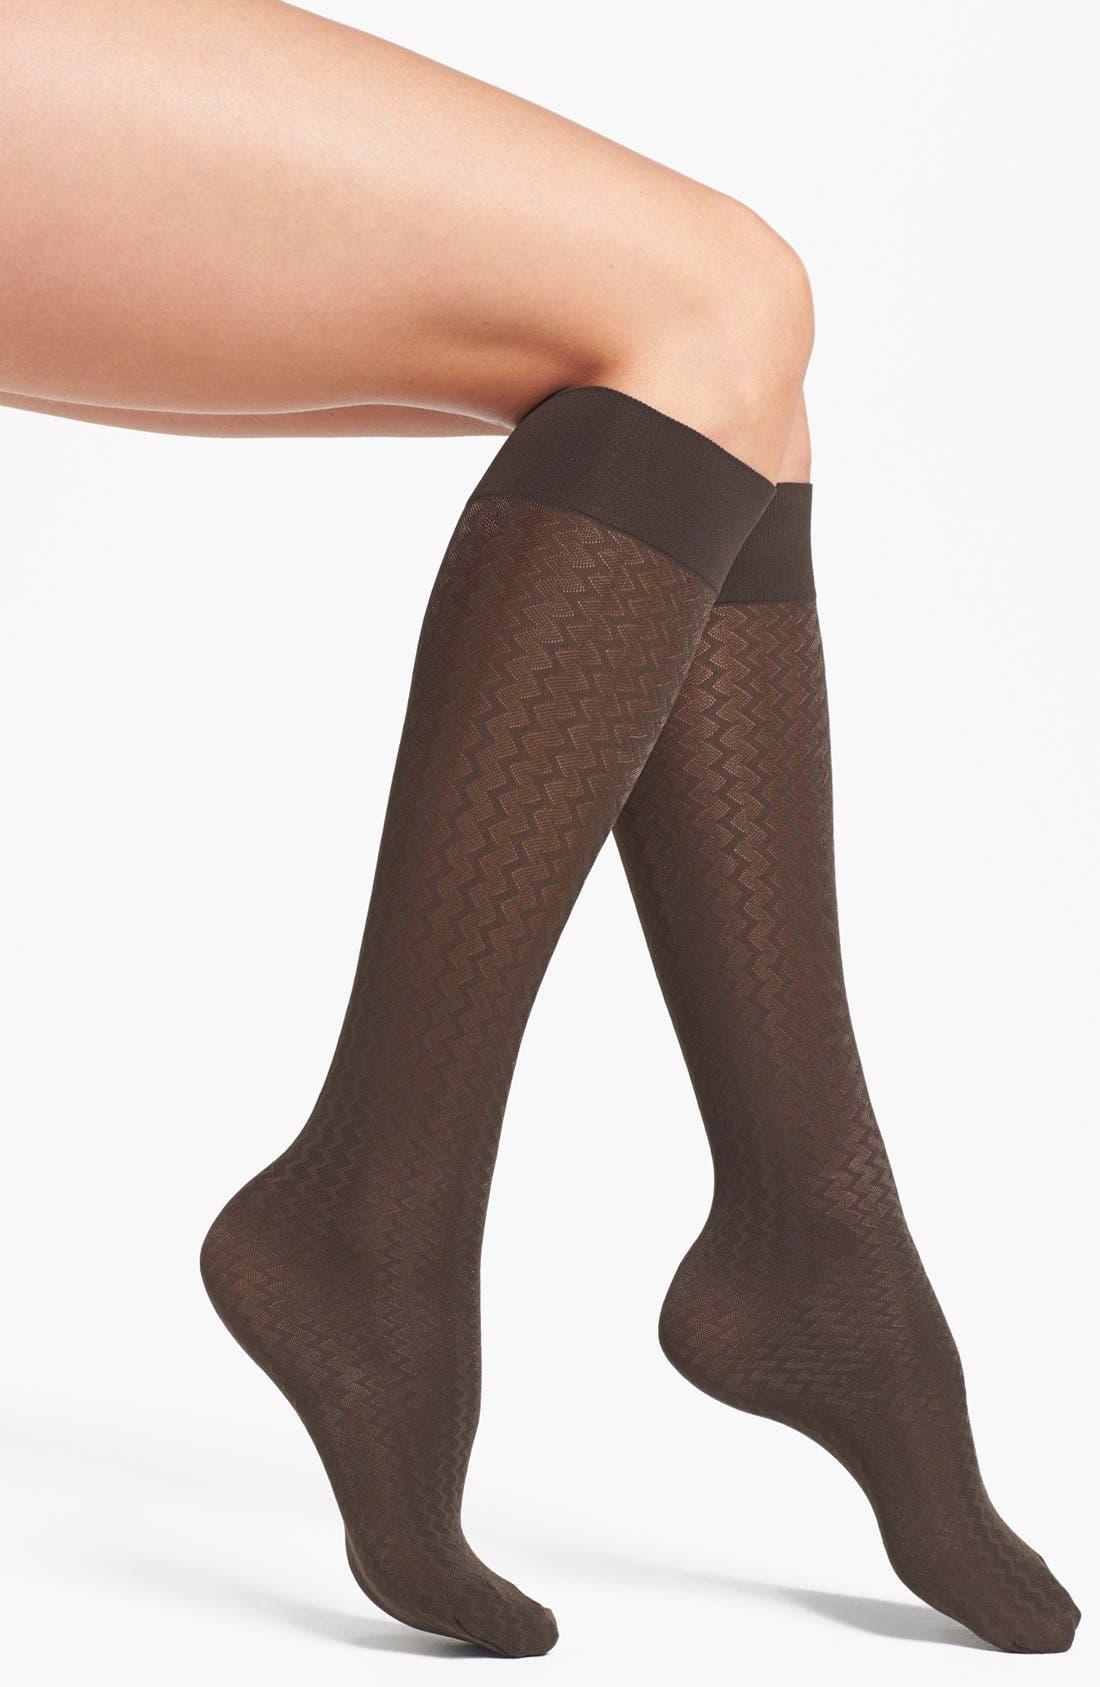 Alternate Image 1 Selected - Wolford 'Cross Lines' Knee High Socks